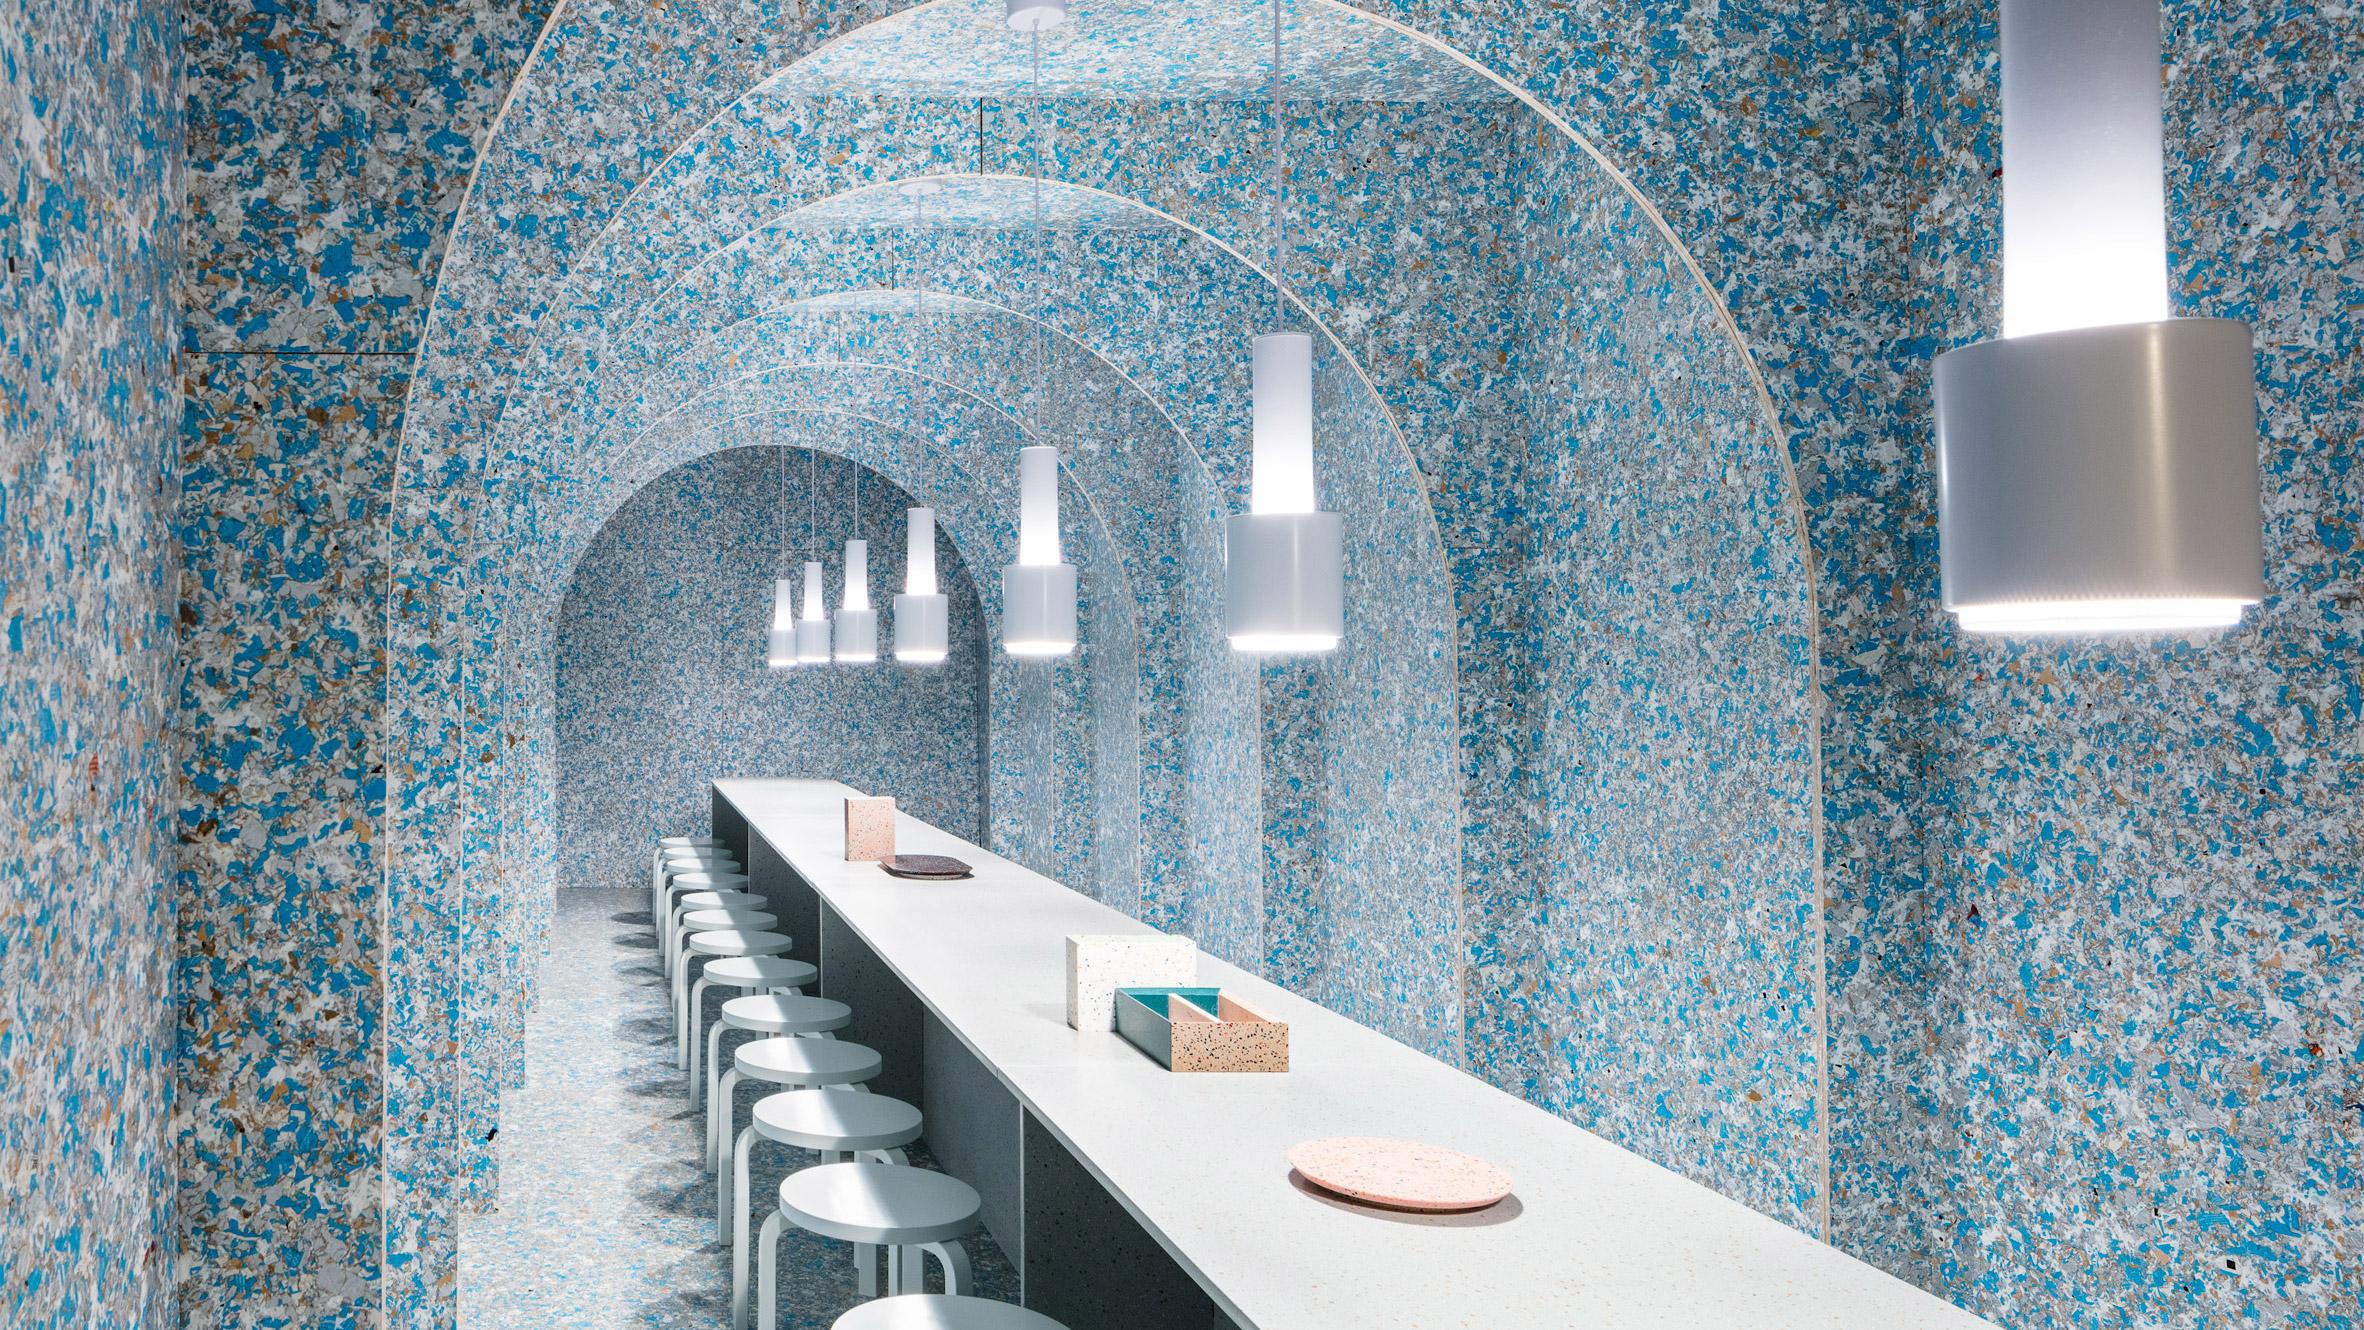 Ejemplo de diseño consciente: el Zero Waste Bistro que debutó el año pasado en WantedDesign Manhattan durante New York Design Week representa un modelo de restaurante pop-up construido de empaques reciclados y que elabora abonos con basura orgánica. Foto de  Nicholas Calcott.